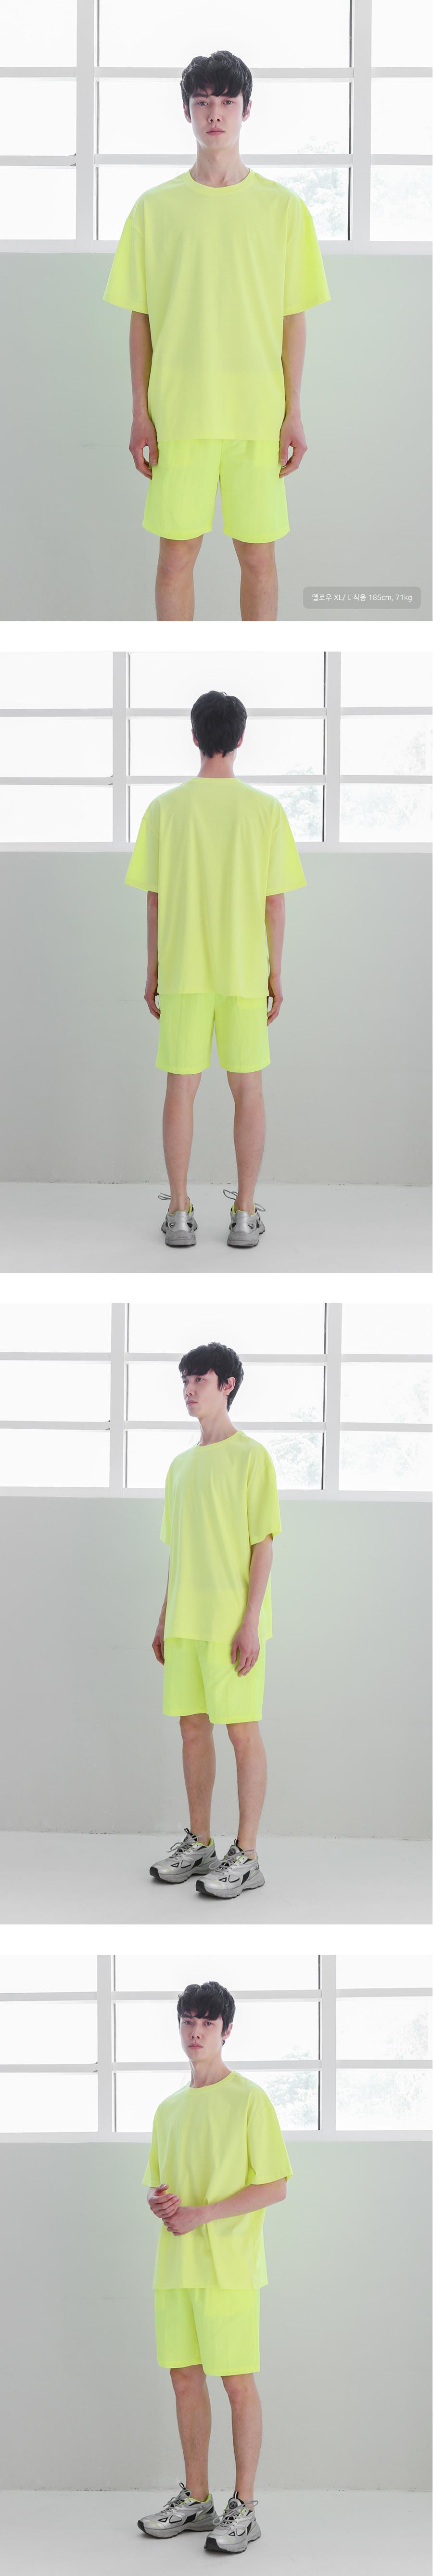 이에스엔(ESN) 네온 루즈핏 티셔츠 옐로우